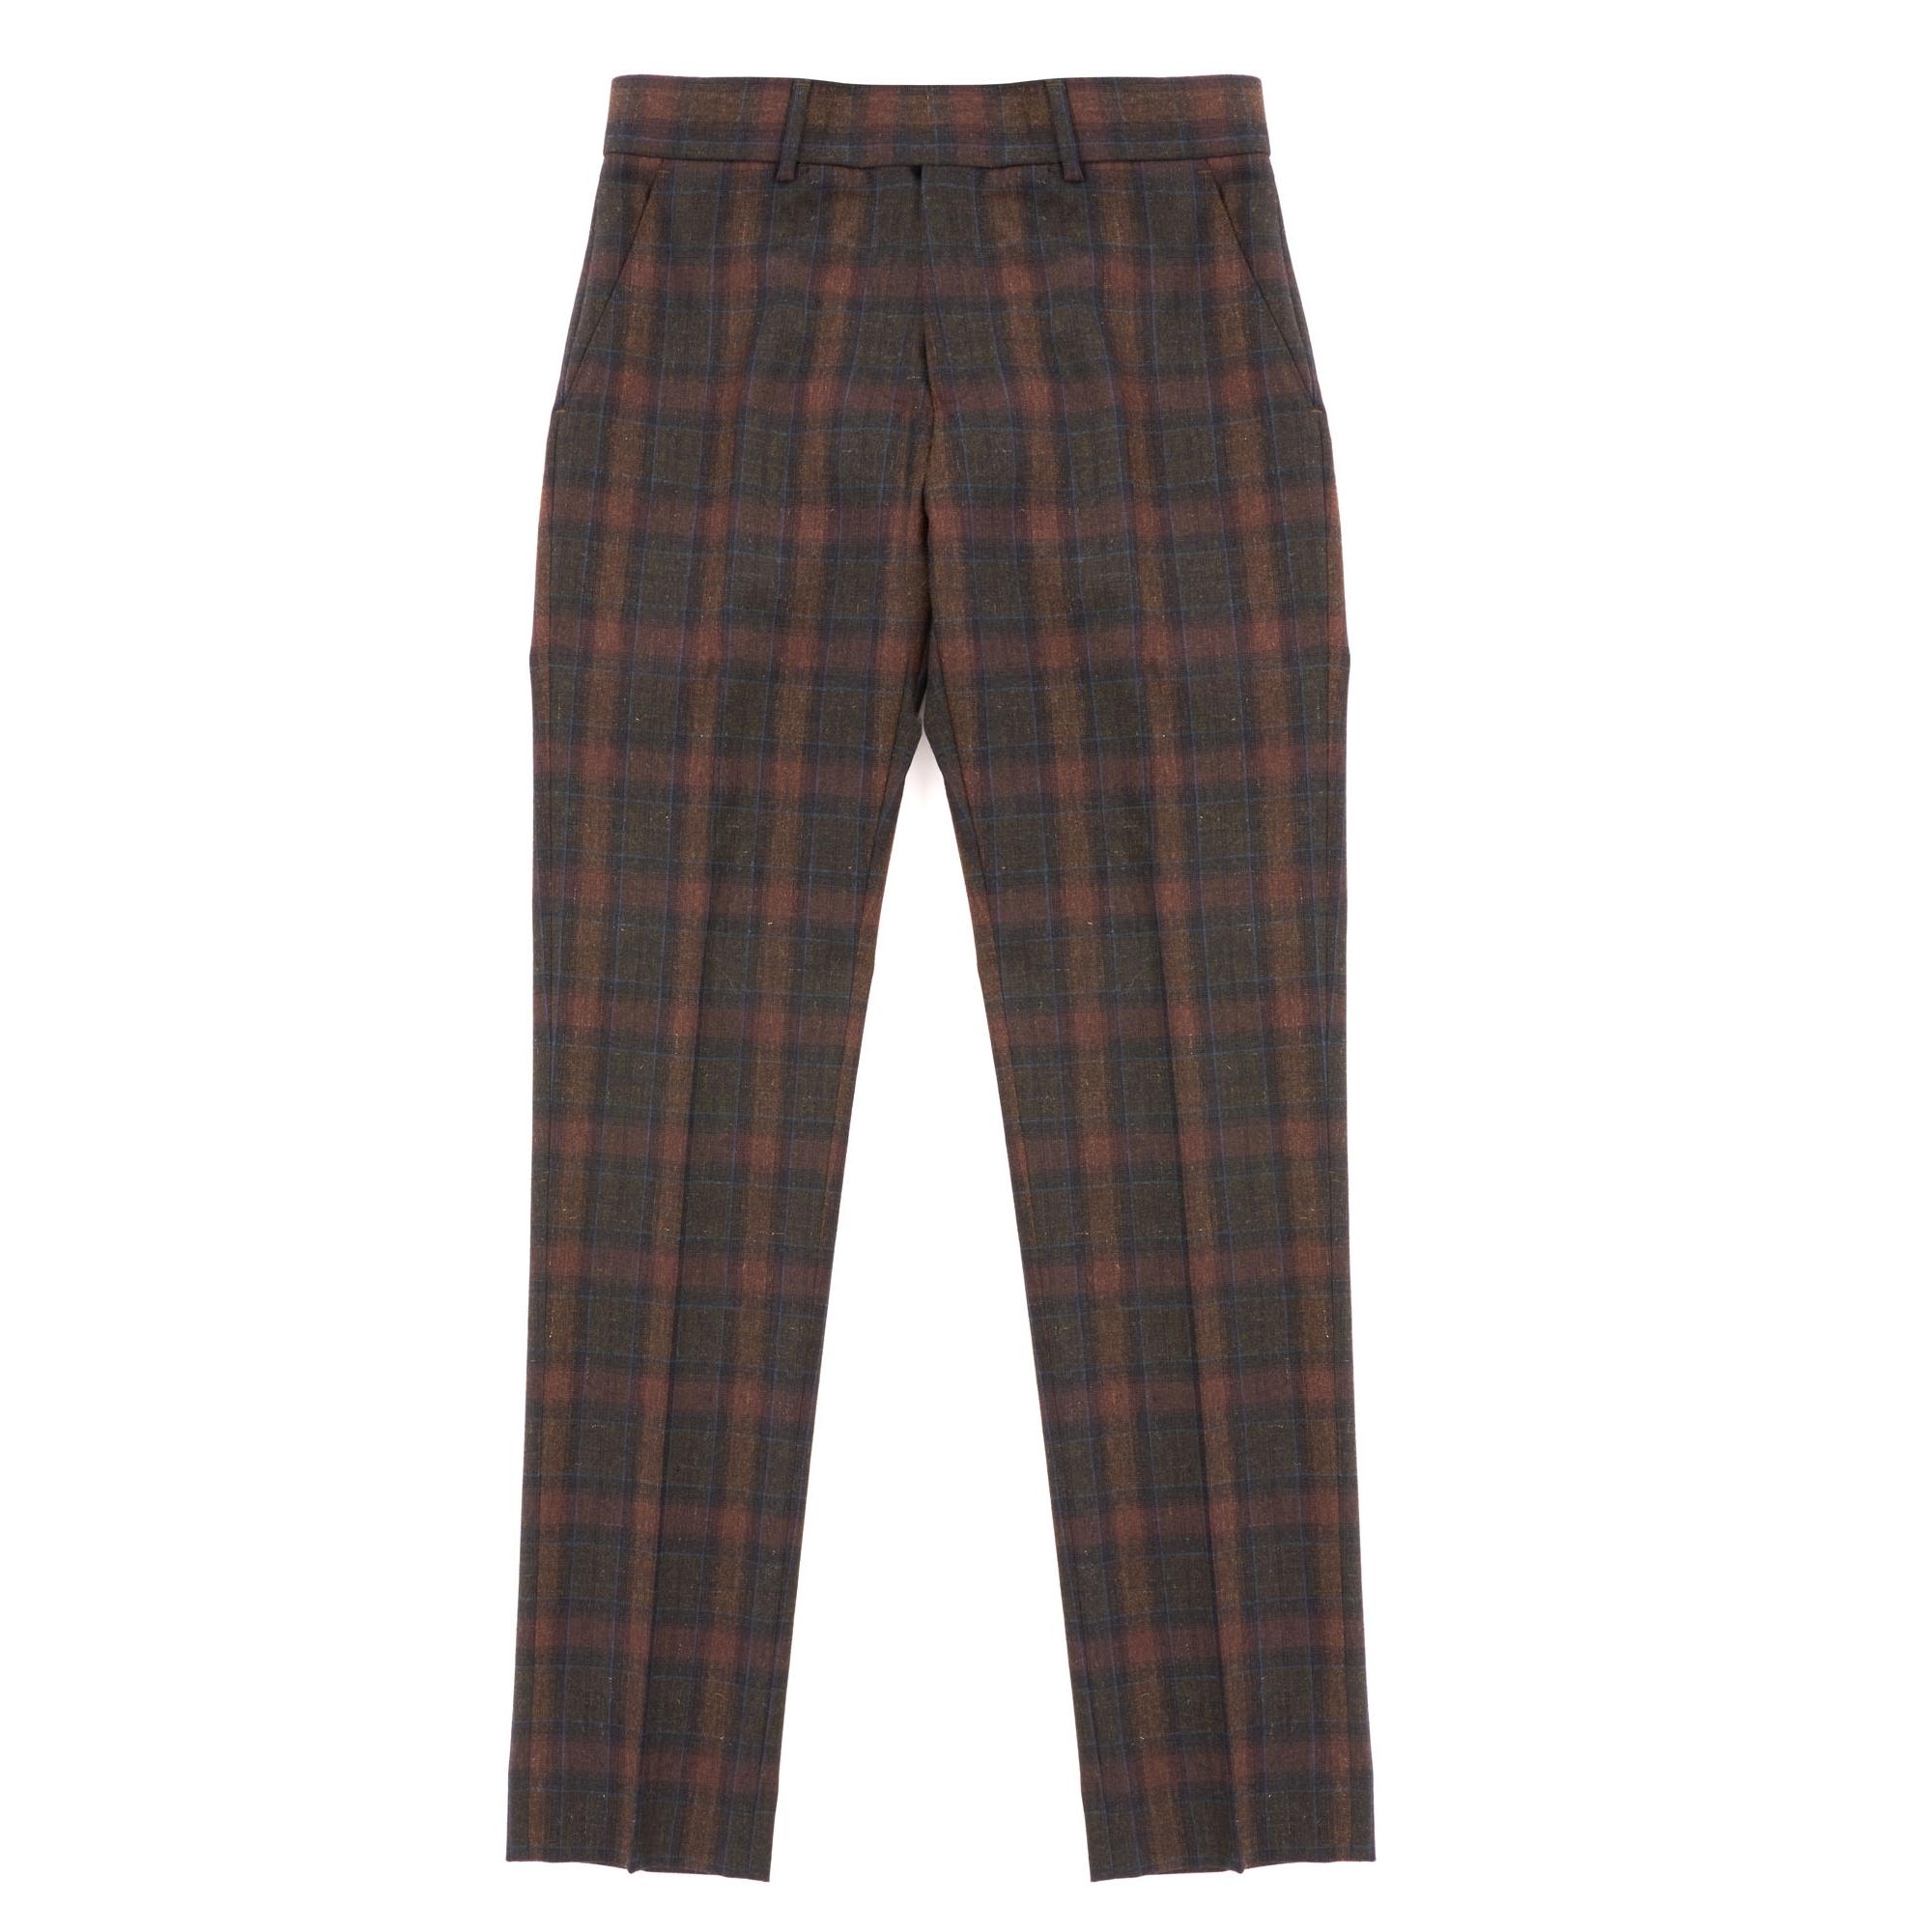 Tartan Check Trousers - Sage